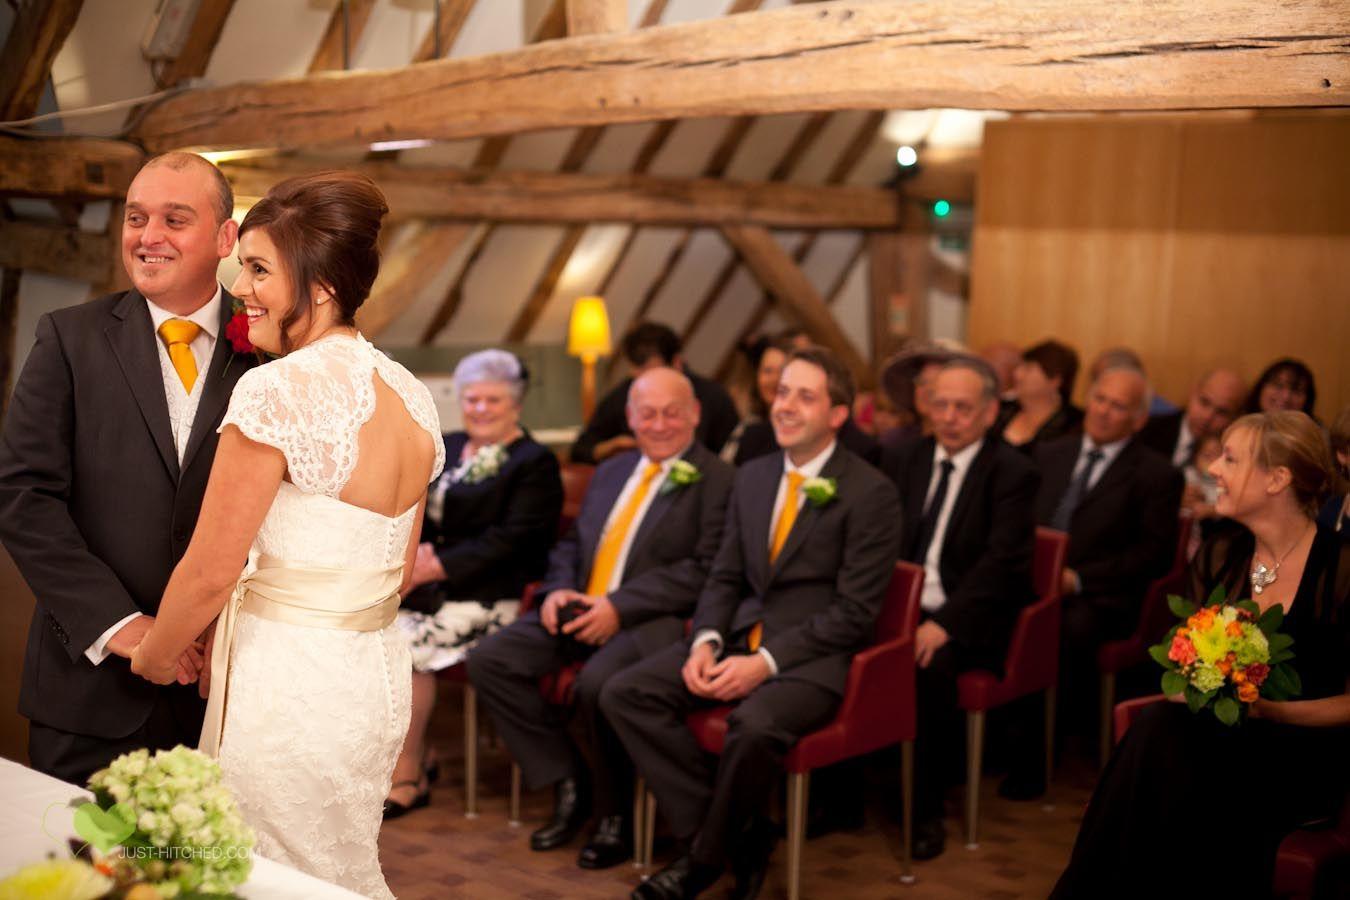 %Essex Wedding Photographer   Chelmsford Wedding photographer   Colchester Wedding Photographer